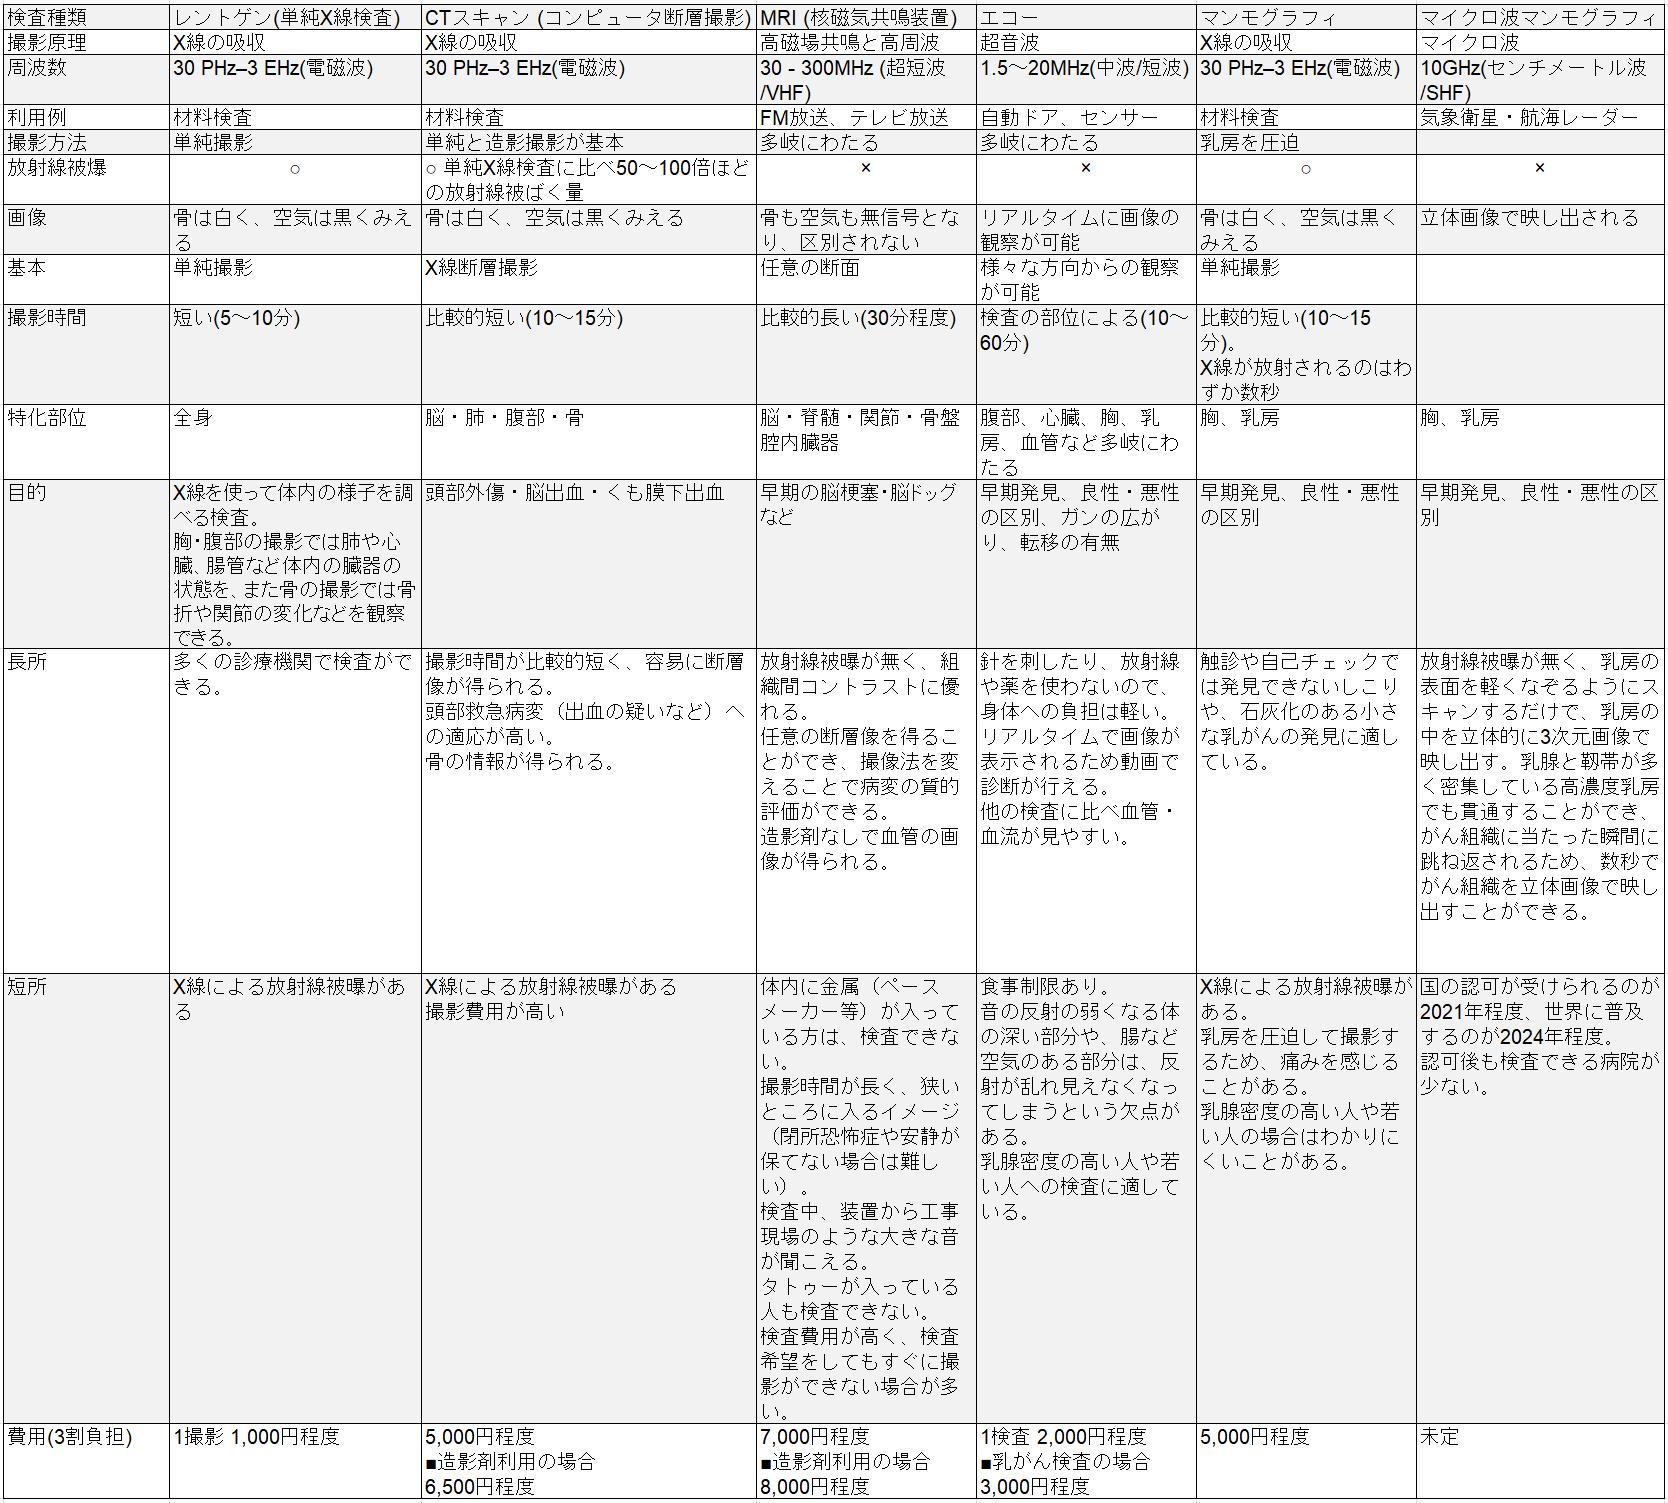 画像診断検査項目 一覧表